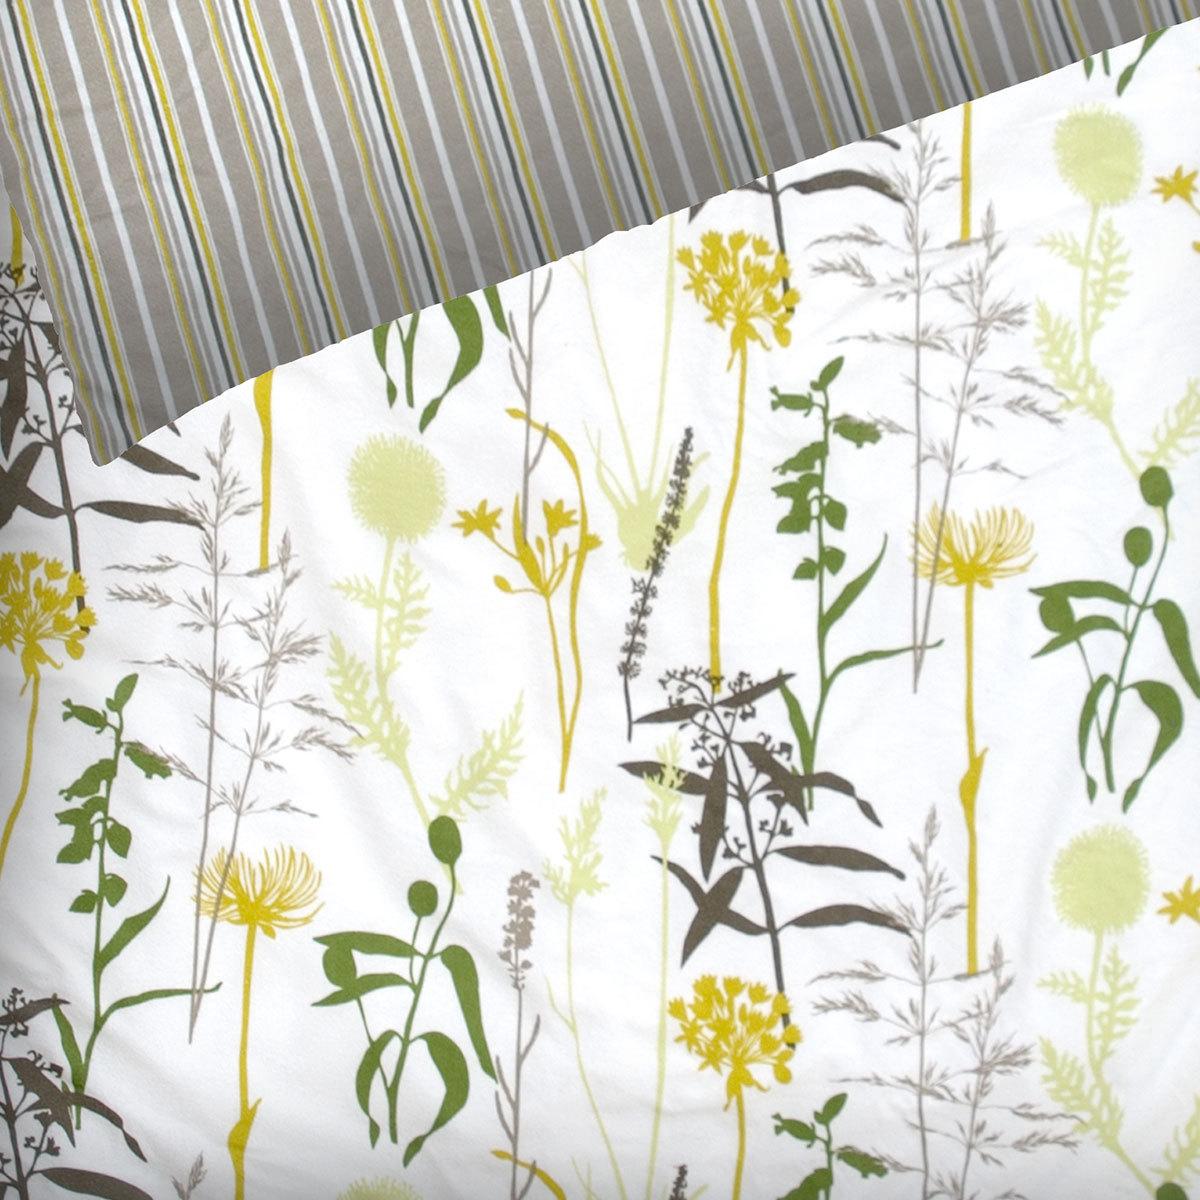 dyckhoff weichfrottier bettw sche gr ser gr n g nstig online kaufen bei bettwaren shop. Black Bedroom Furniture Sets. Home Design Ideas